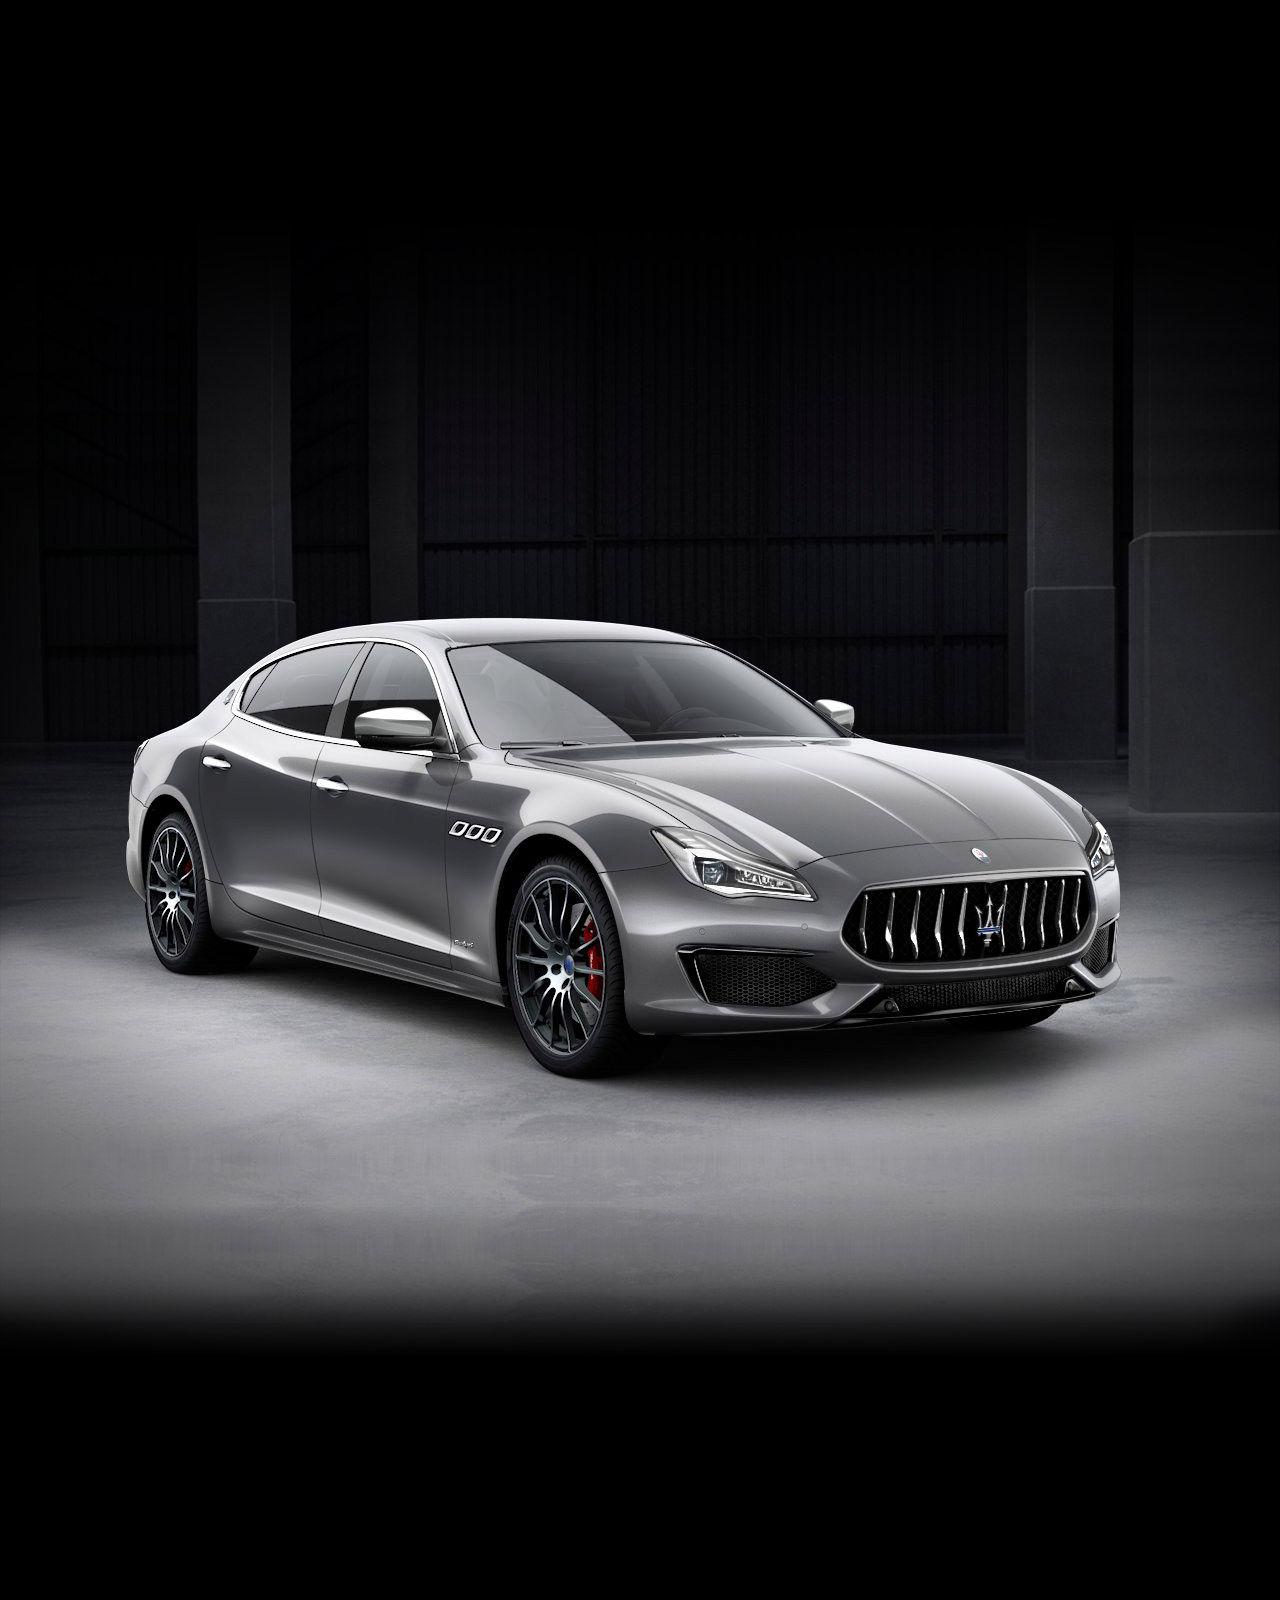 Maserati Quattroporte GranSport exterior – front view